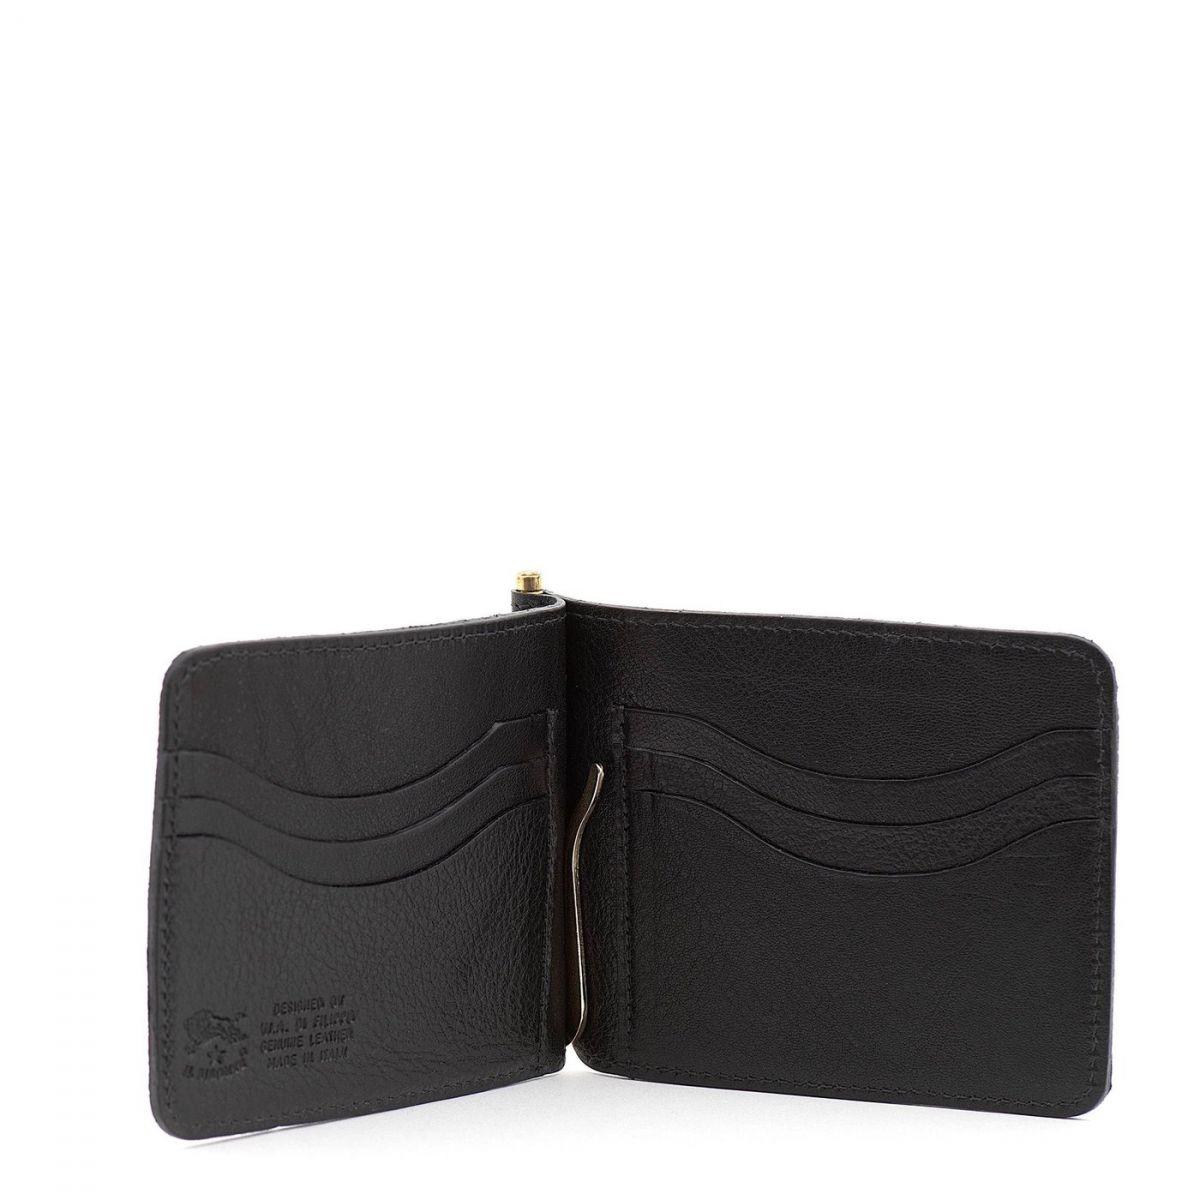 Portefeuille pour Homme en Cuir De Vachette Doublé couleur Noir - SMW076 | Details